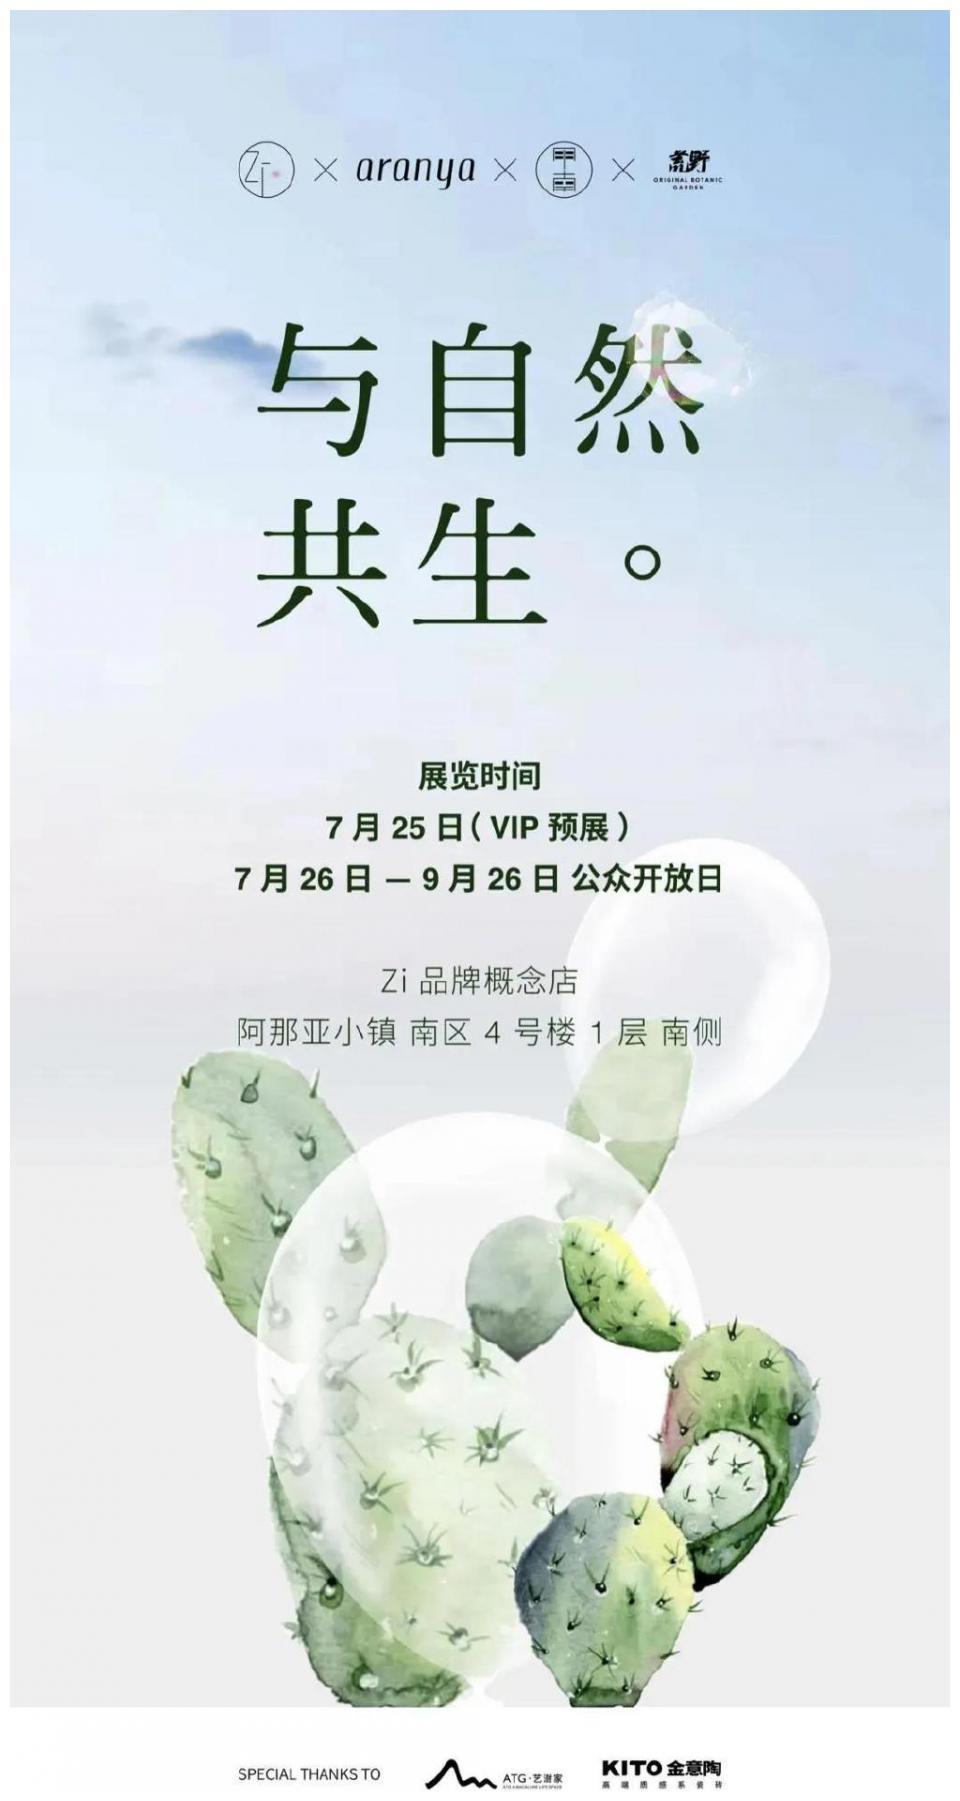 刘孜举办与自然共生艺术展!获好友梅婷、郭俊辰等倾情助阵